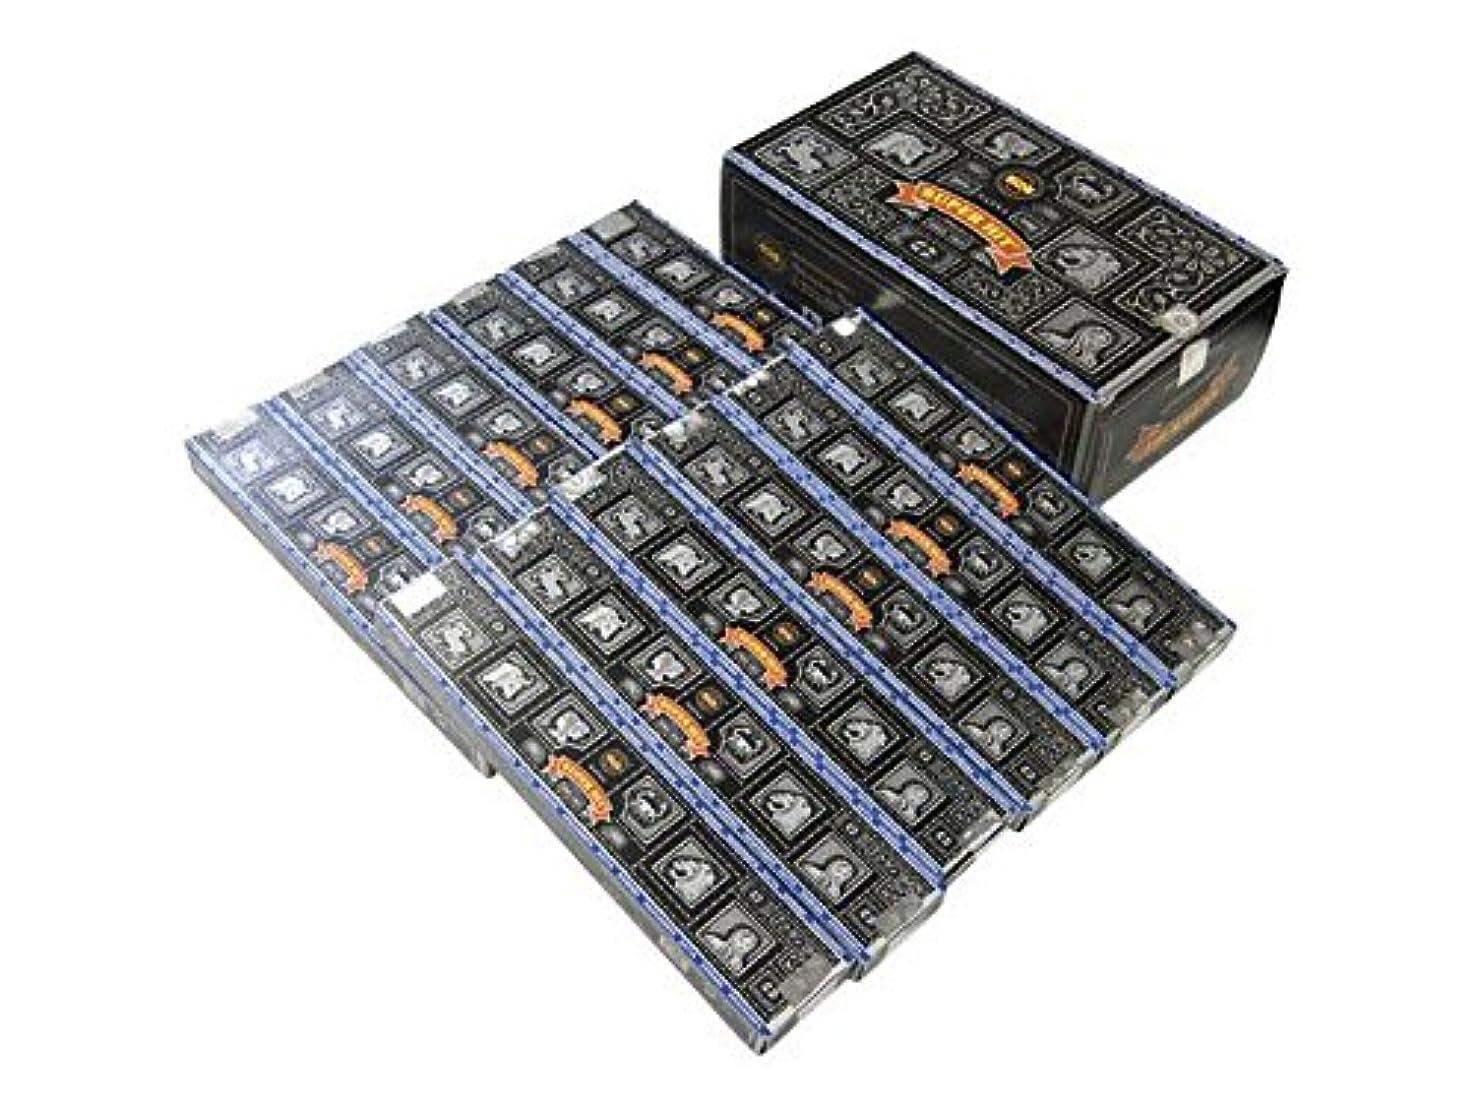 領域ビーチホバートSATYA(サチャ) スーパーヒット香 スティック マサラタイプSUPER HIT 12箱セット